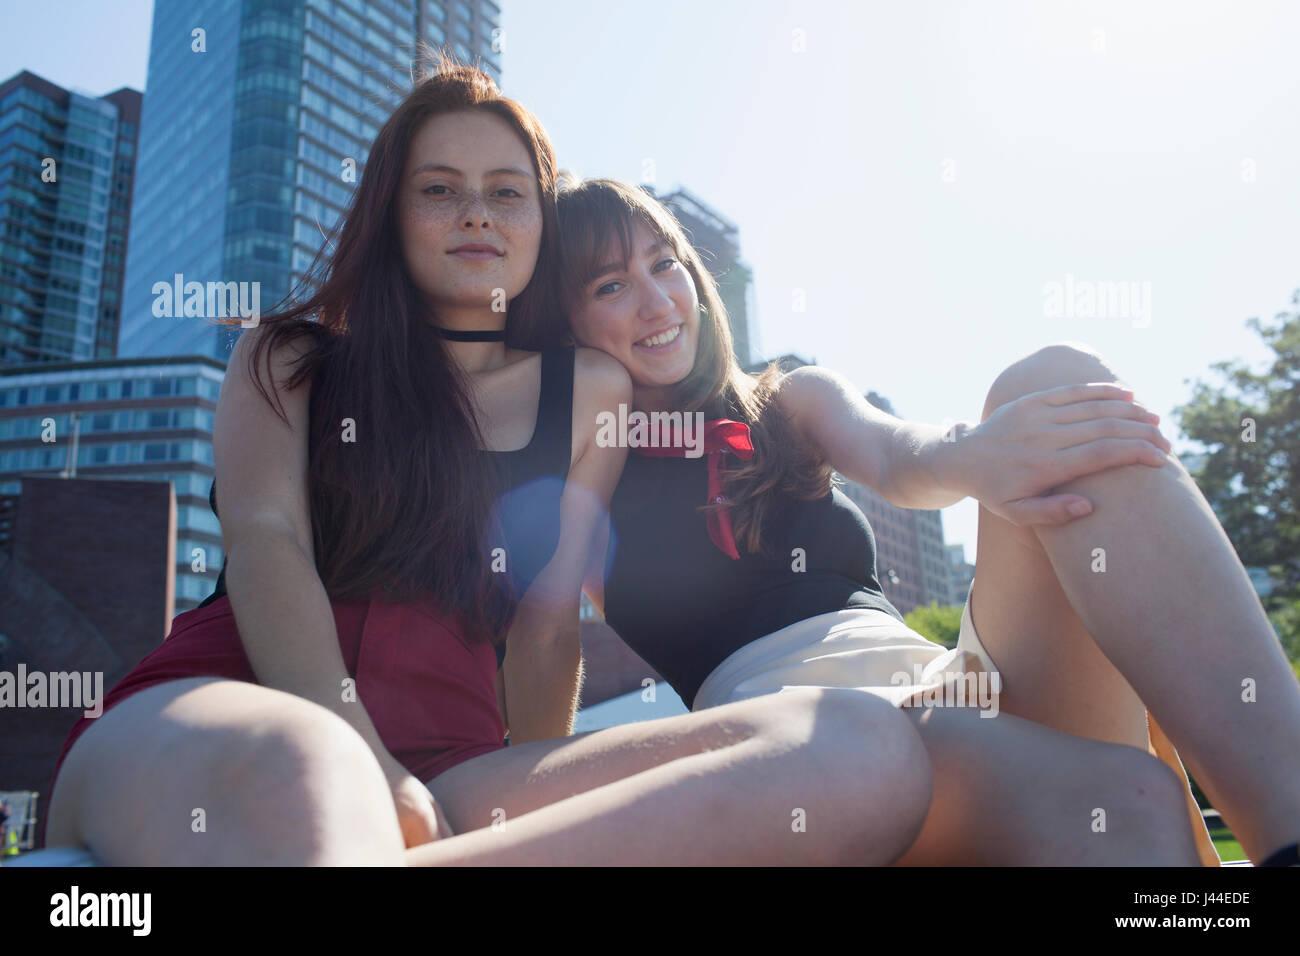 Zwei junge Frauen sitzen Stockbild